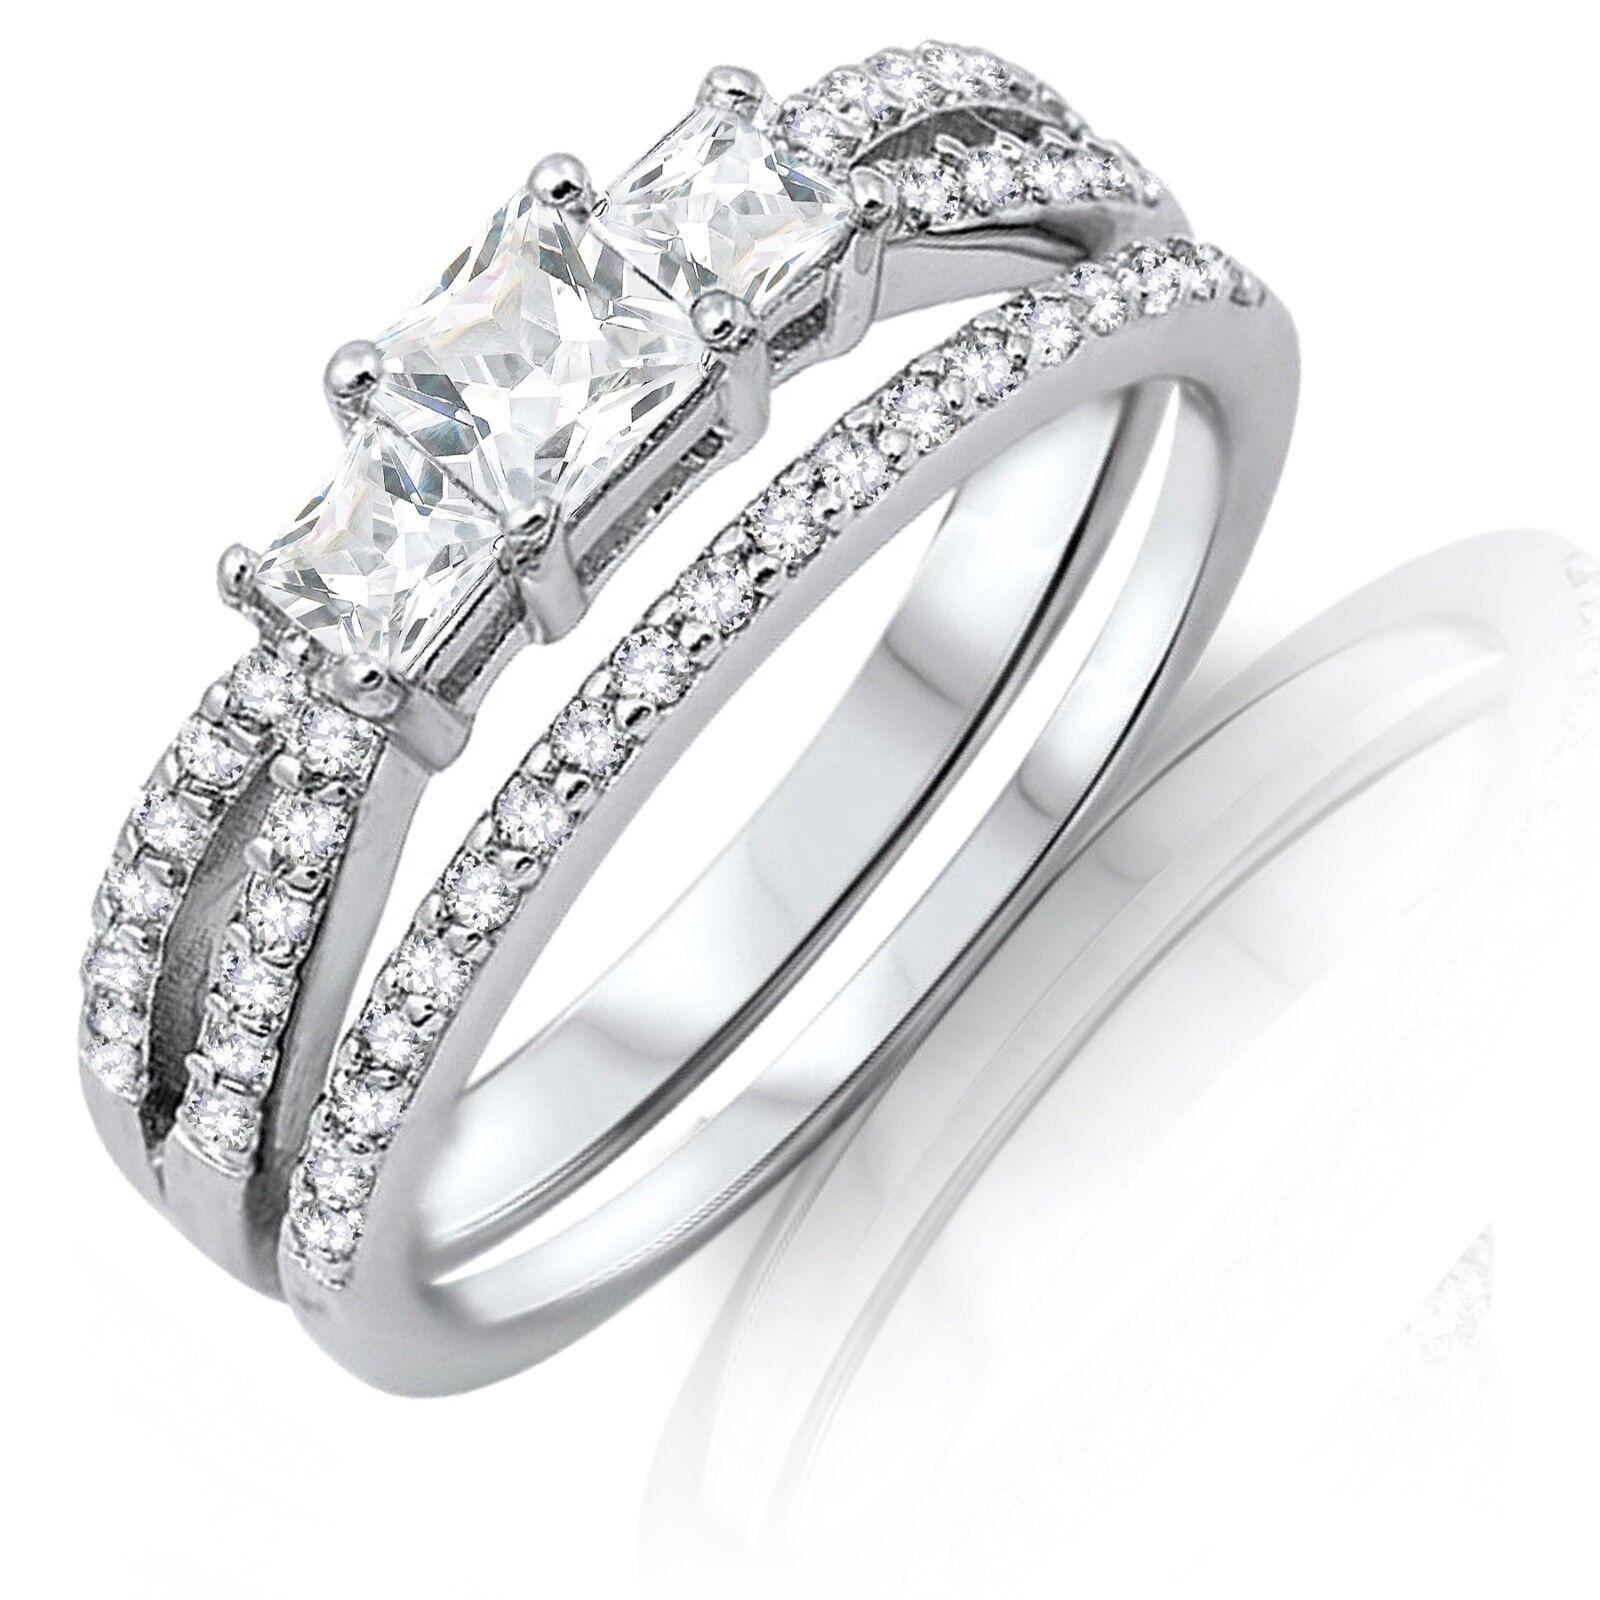 3 Principessa Principessa Principessa Finto Diamanti argentoo Sterling Anello di Fidanzamento Set eabd57